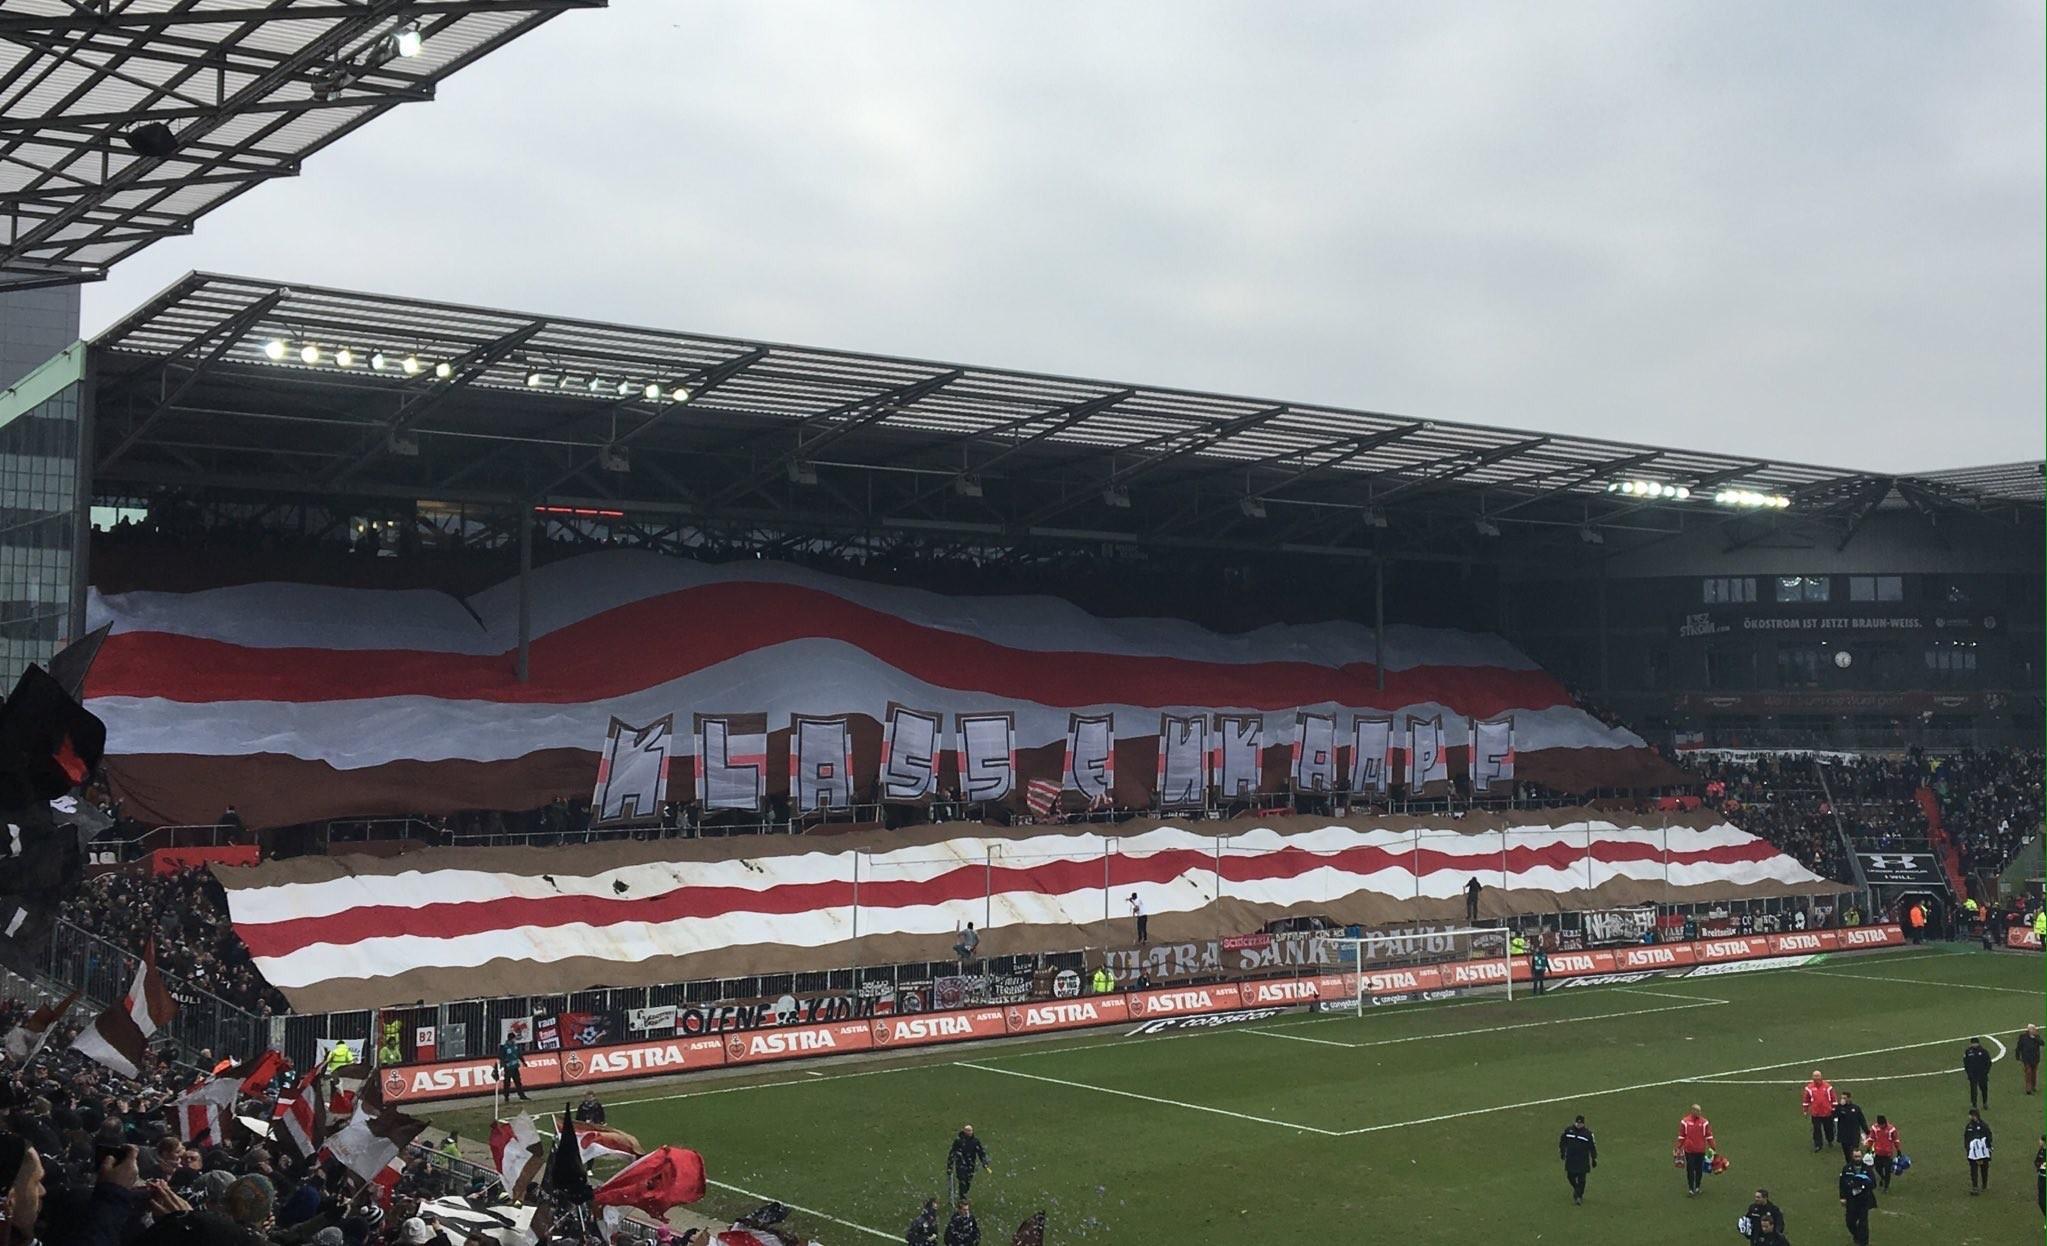 2 St Pauli 2-0 Dynamo Dresden